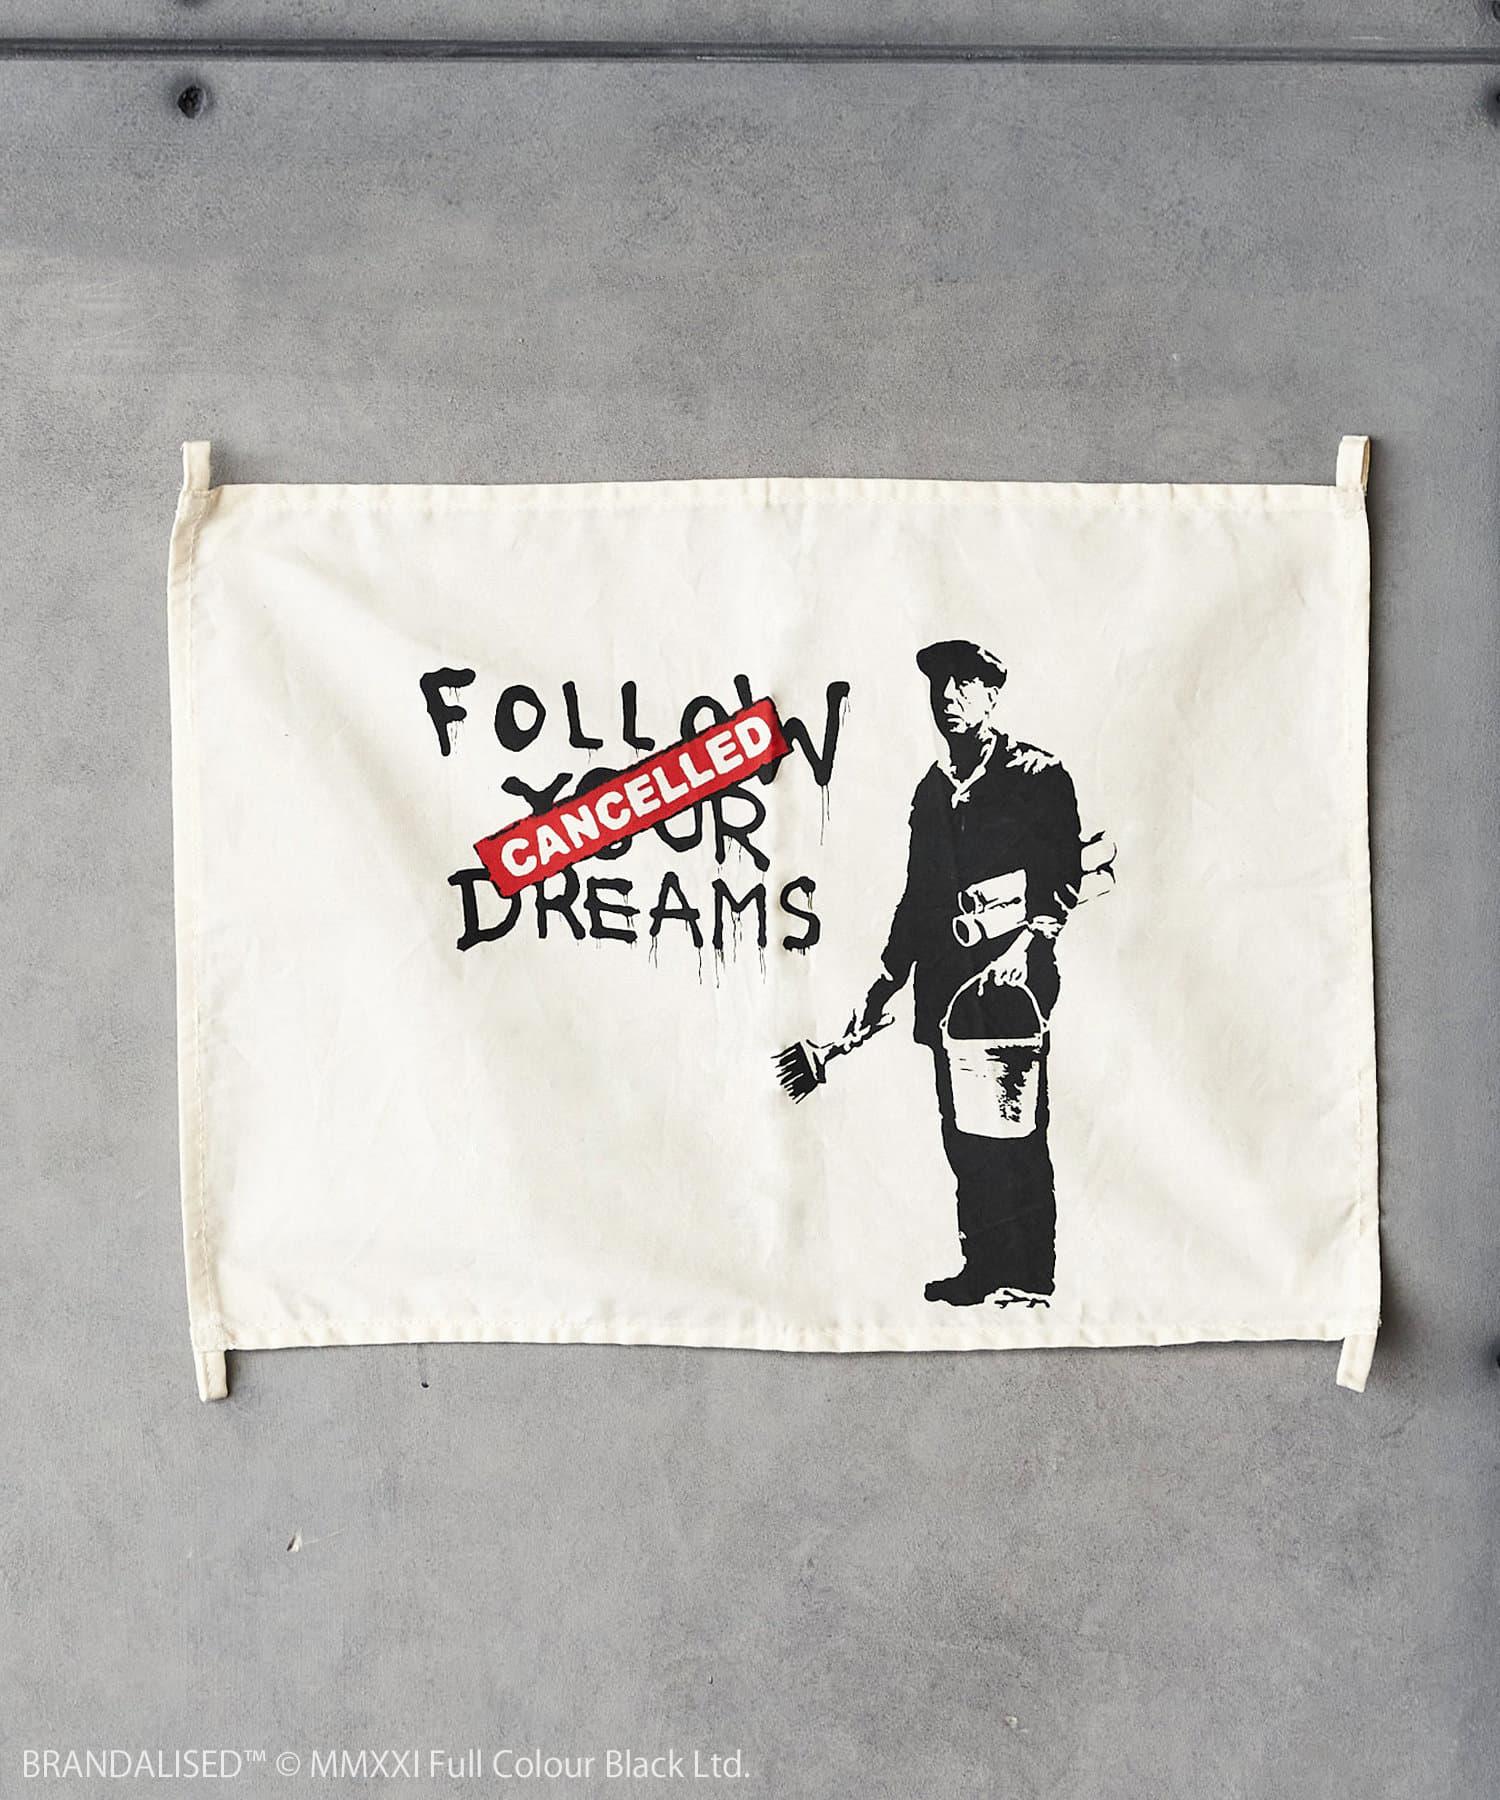 ASOKO(アソコ) ライフスタイル Banksy's Graffiti ファブリックポスター(M) その他1